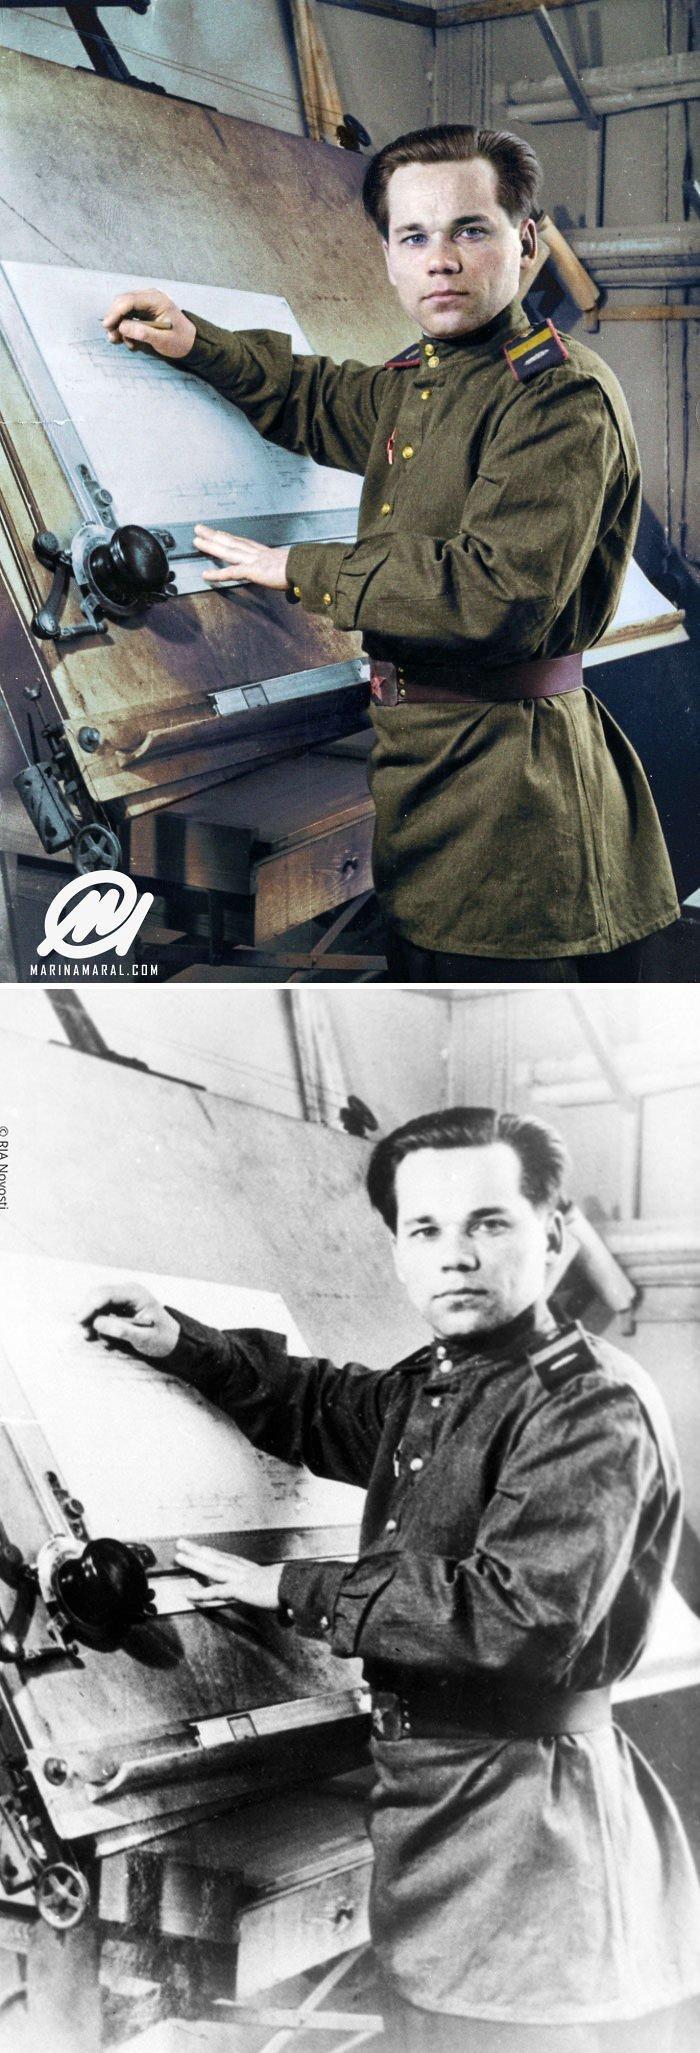 Михаил Калашников история, портрет, прошлое, событие, фотография, фотомир, цвет